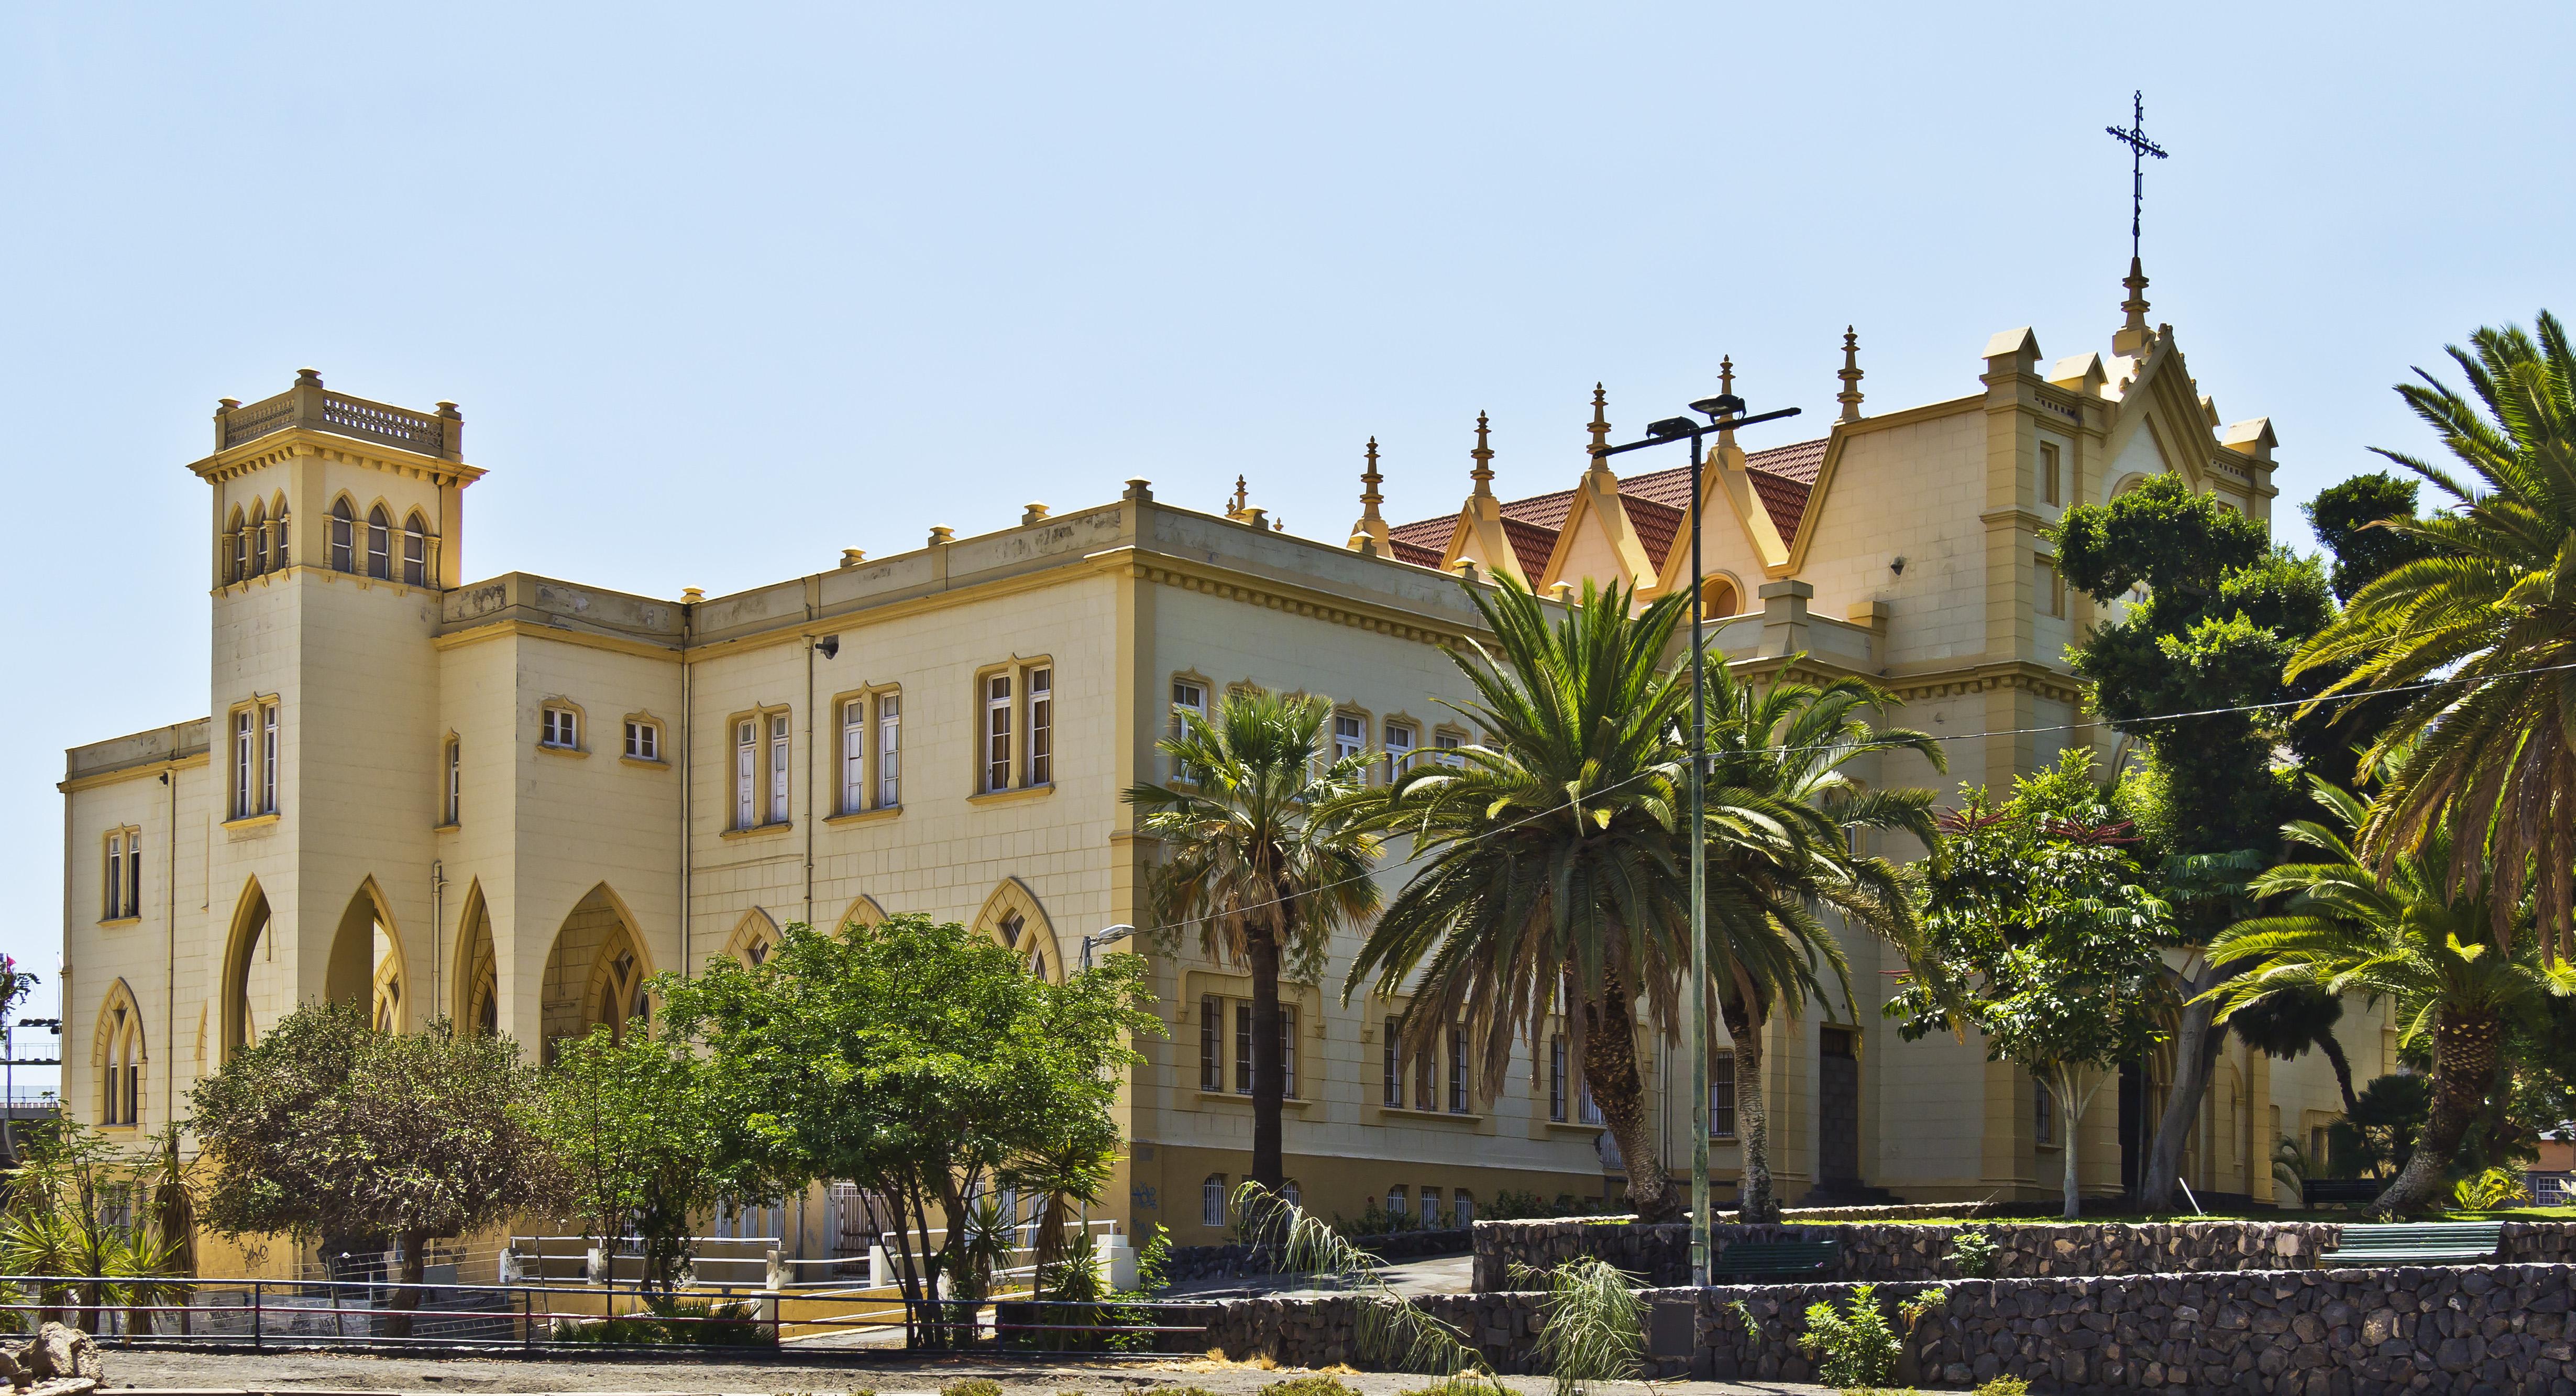 Antiguo colegio de la asunci n tenerife santa cruz de tenerife - Colegio aparejadores tenerife ...